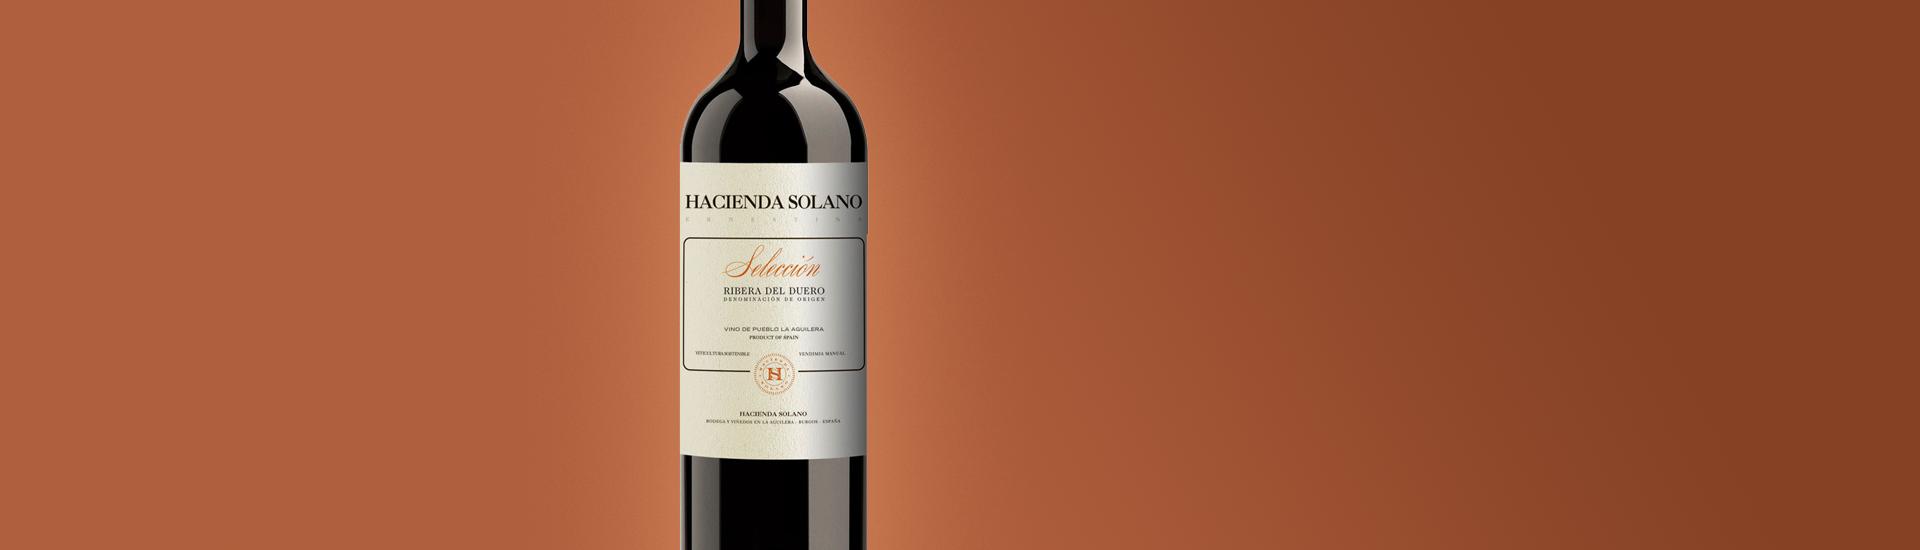 HACIENDA SOLANO SELECCION - RIBERA DEL DUERO - RED WINE